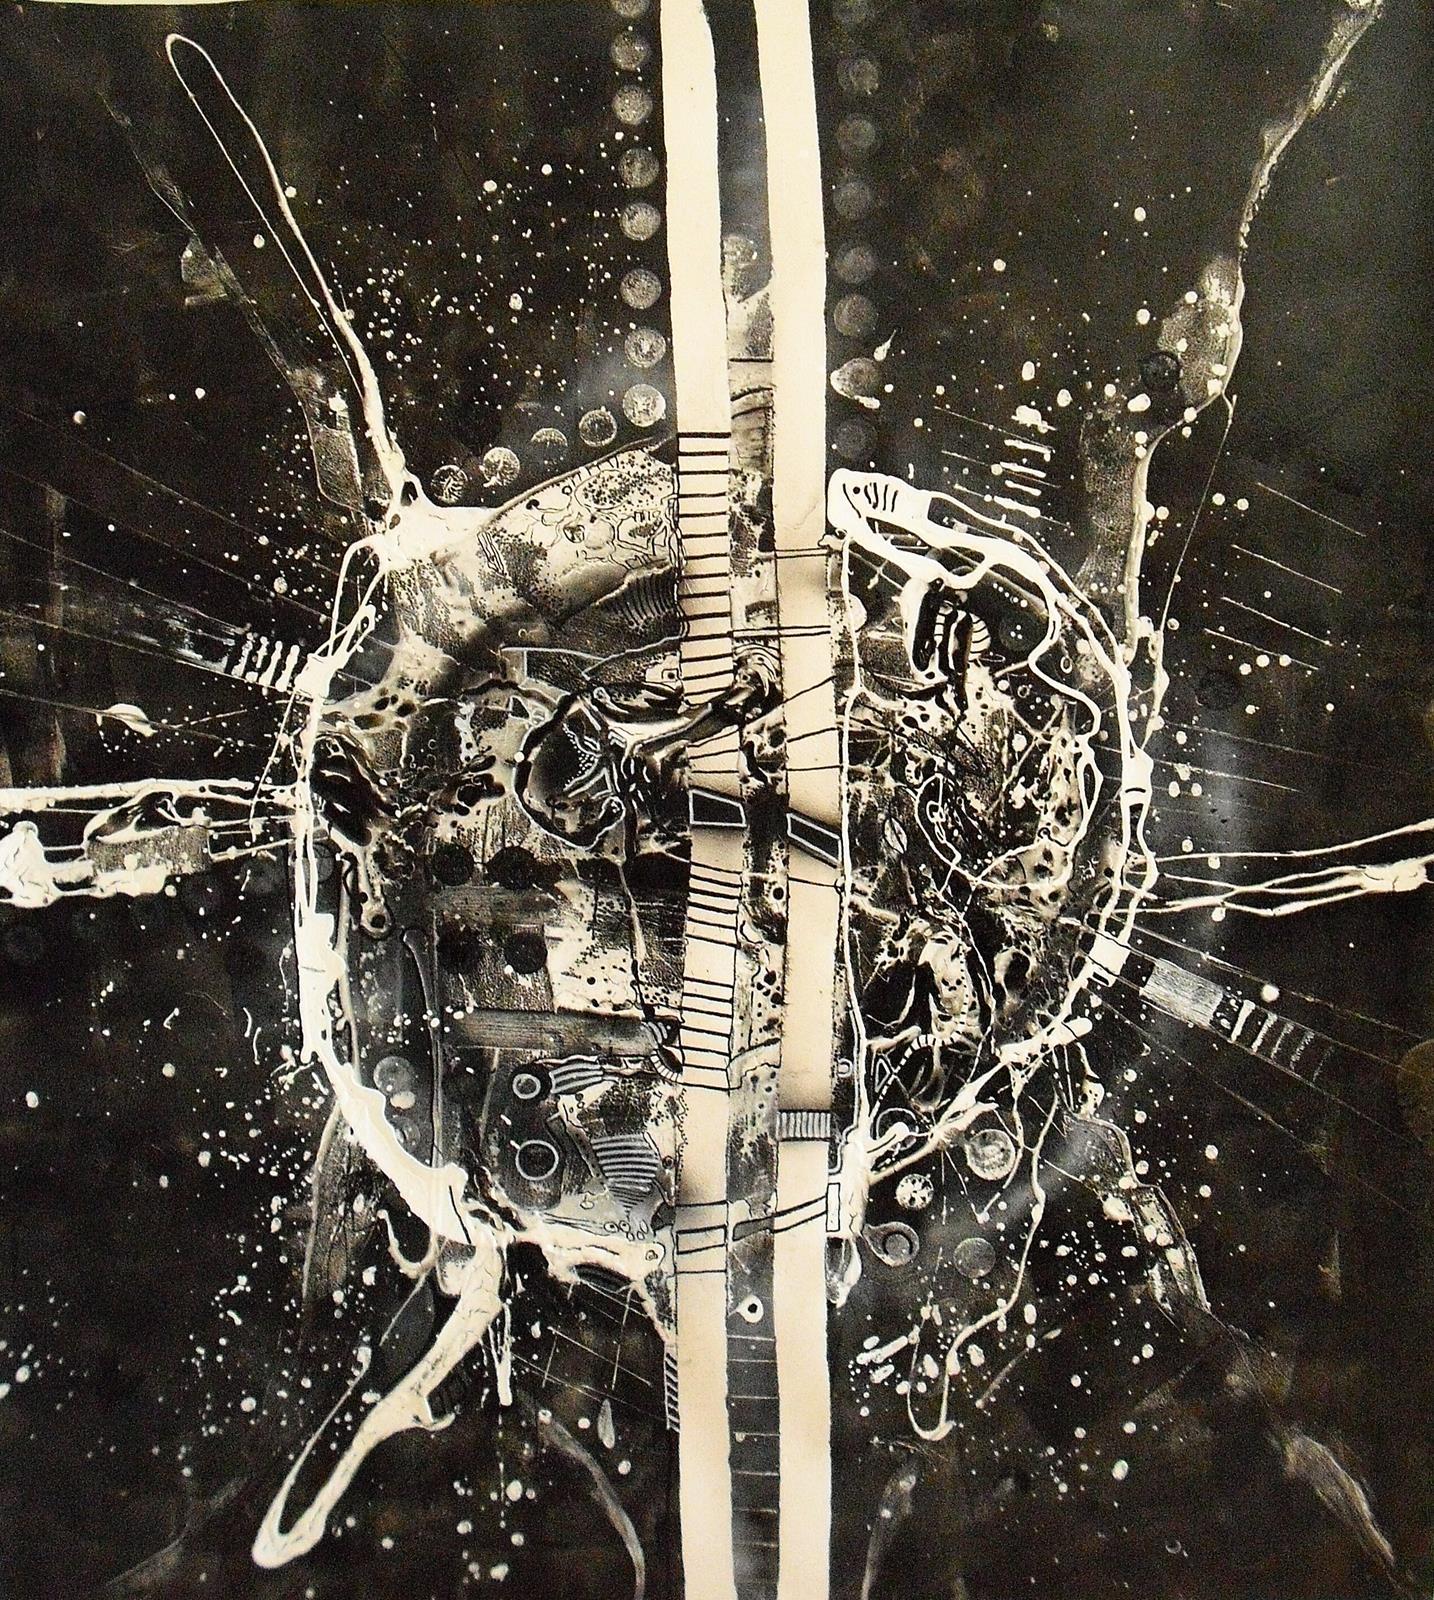 cologne-artist-volker-rauh-pic2013-unbunt-25